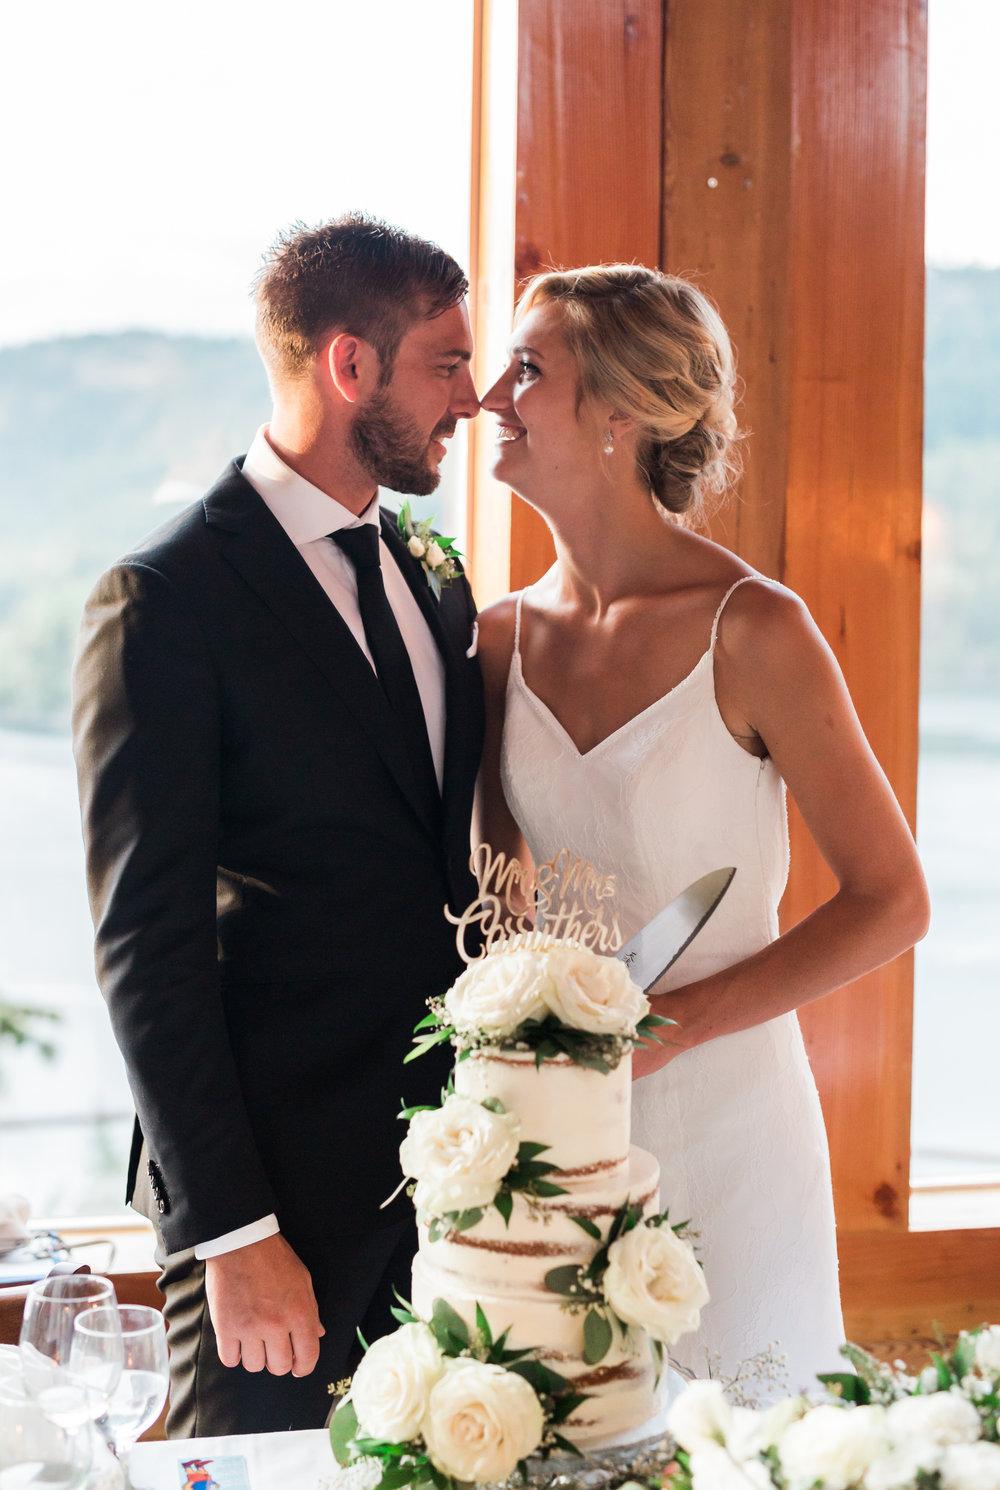 West Coast Wilderness Lodge Wedding - Jennife Picard Photography - Sunshine Coast Wedding Photographer - Vancouver Wedding Photographer - IMG_6212.jpg